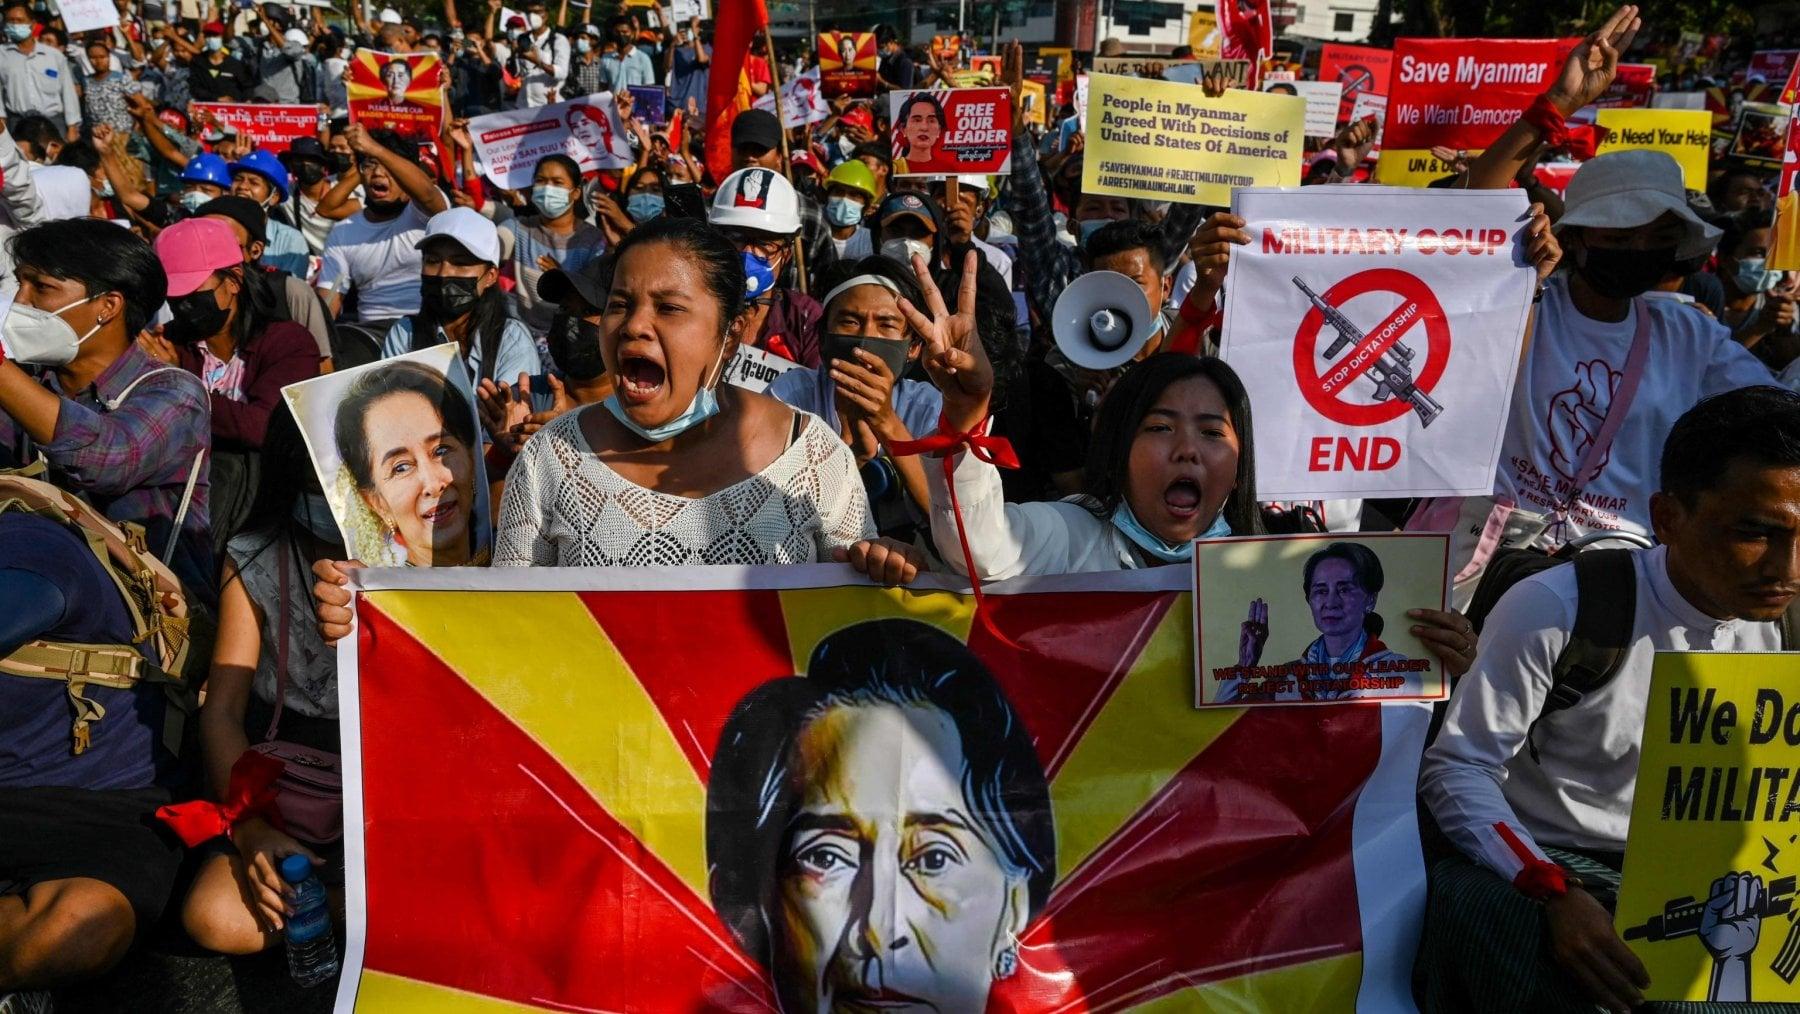 150348758 ba1fb097 6b36 4a4b a62e 40d52de4db81 - Musica e satira, così la Generazione Z sfida i militari nelle strade del Myanmar